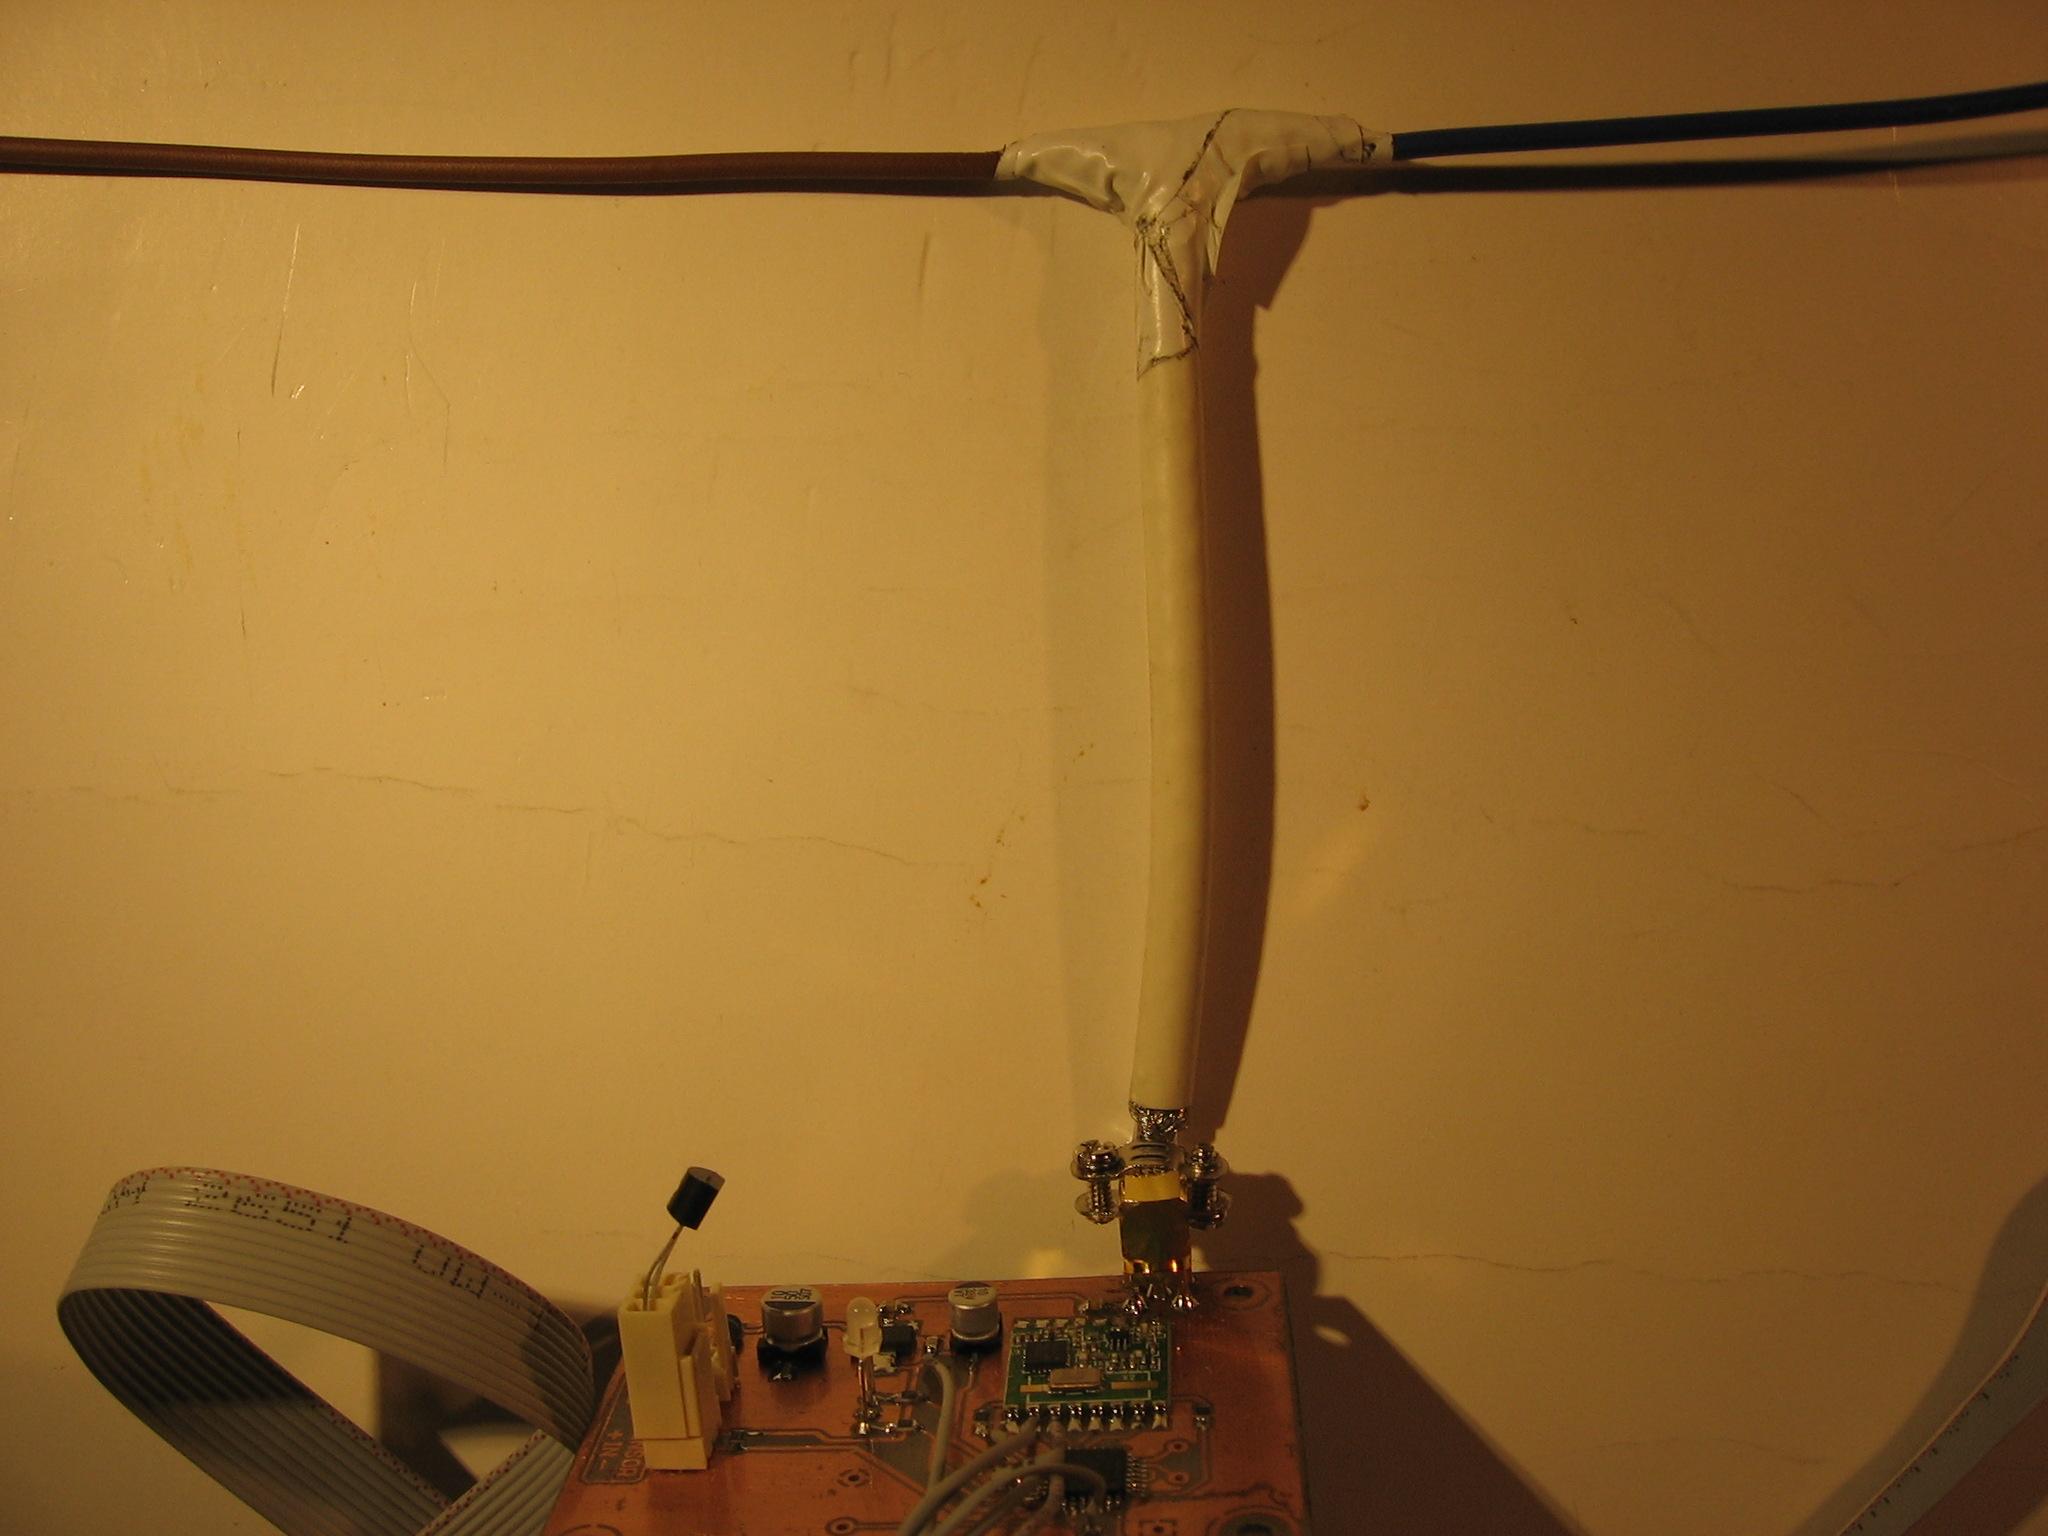 Antena do RFM22B-S a antena RFM12B 868MHz?